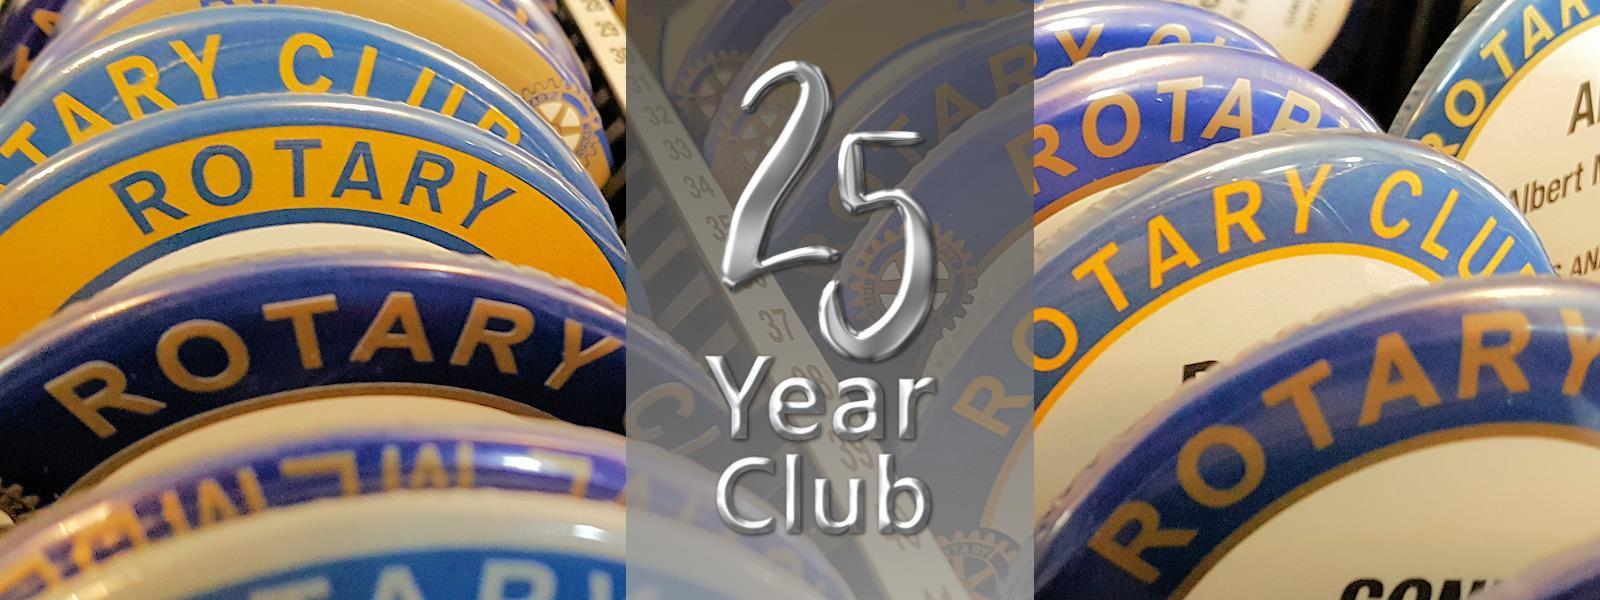 25 Year Club Banner